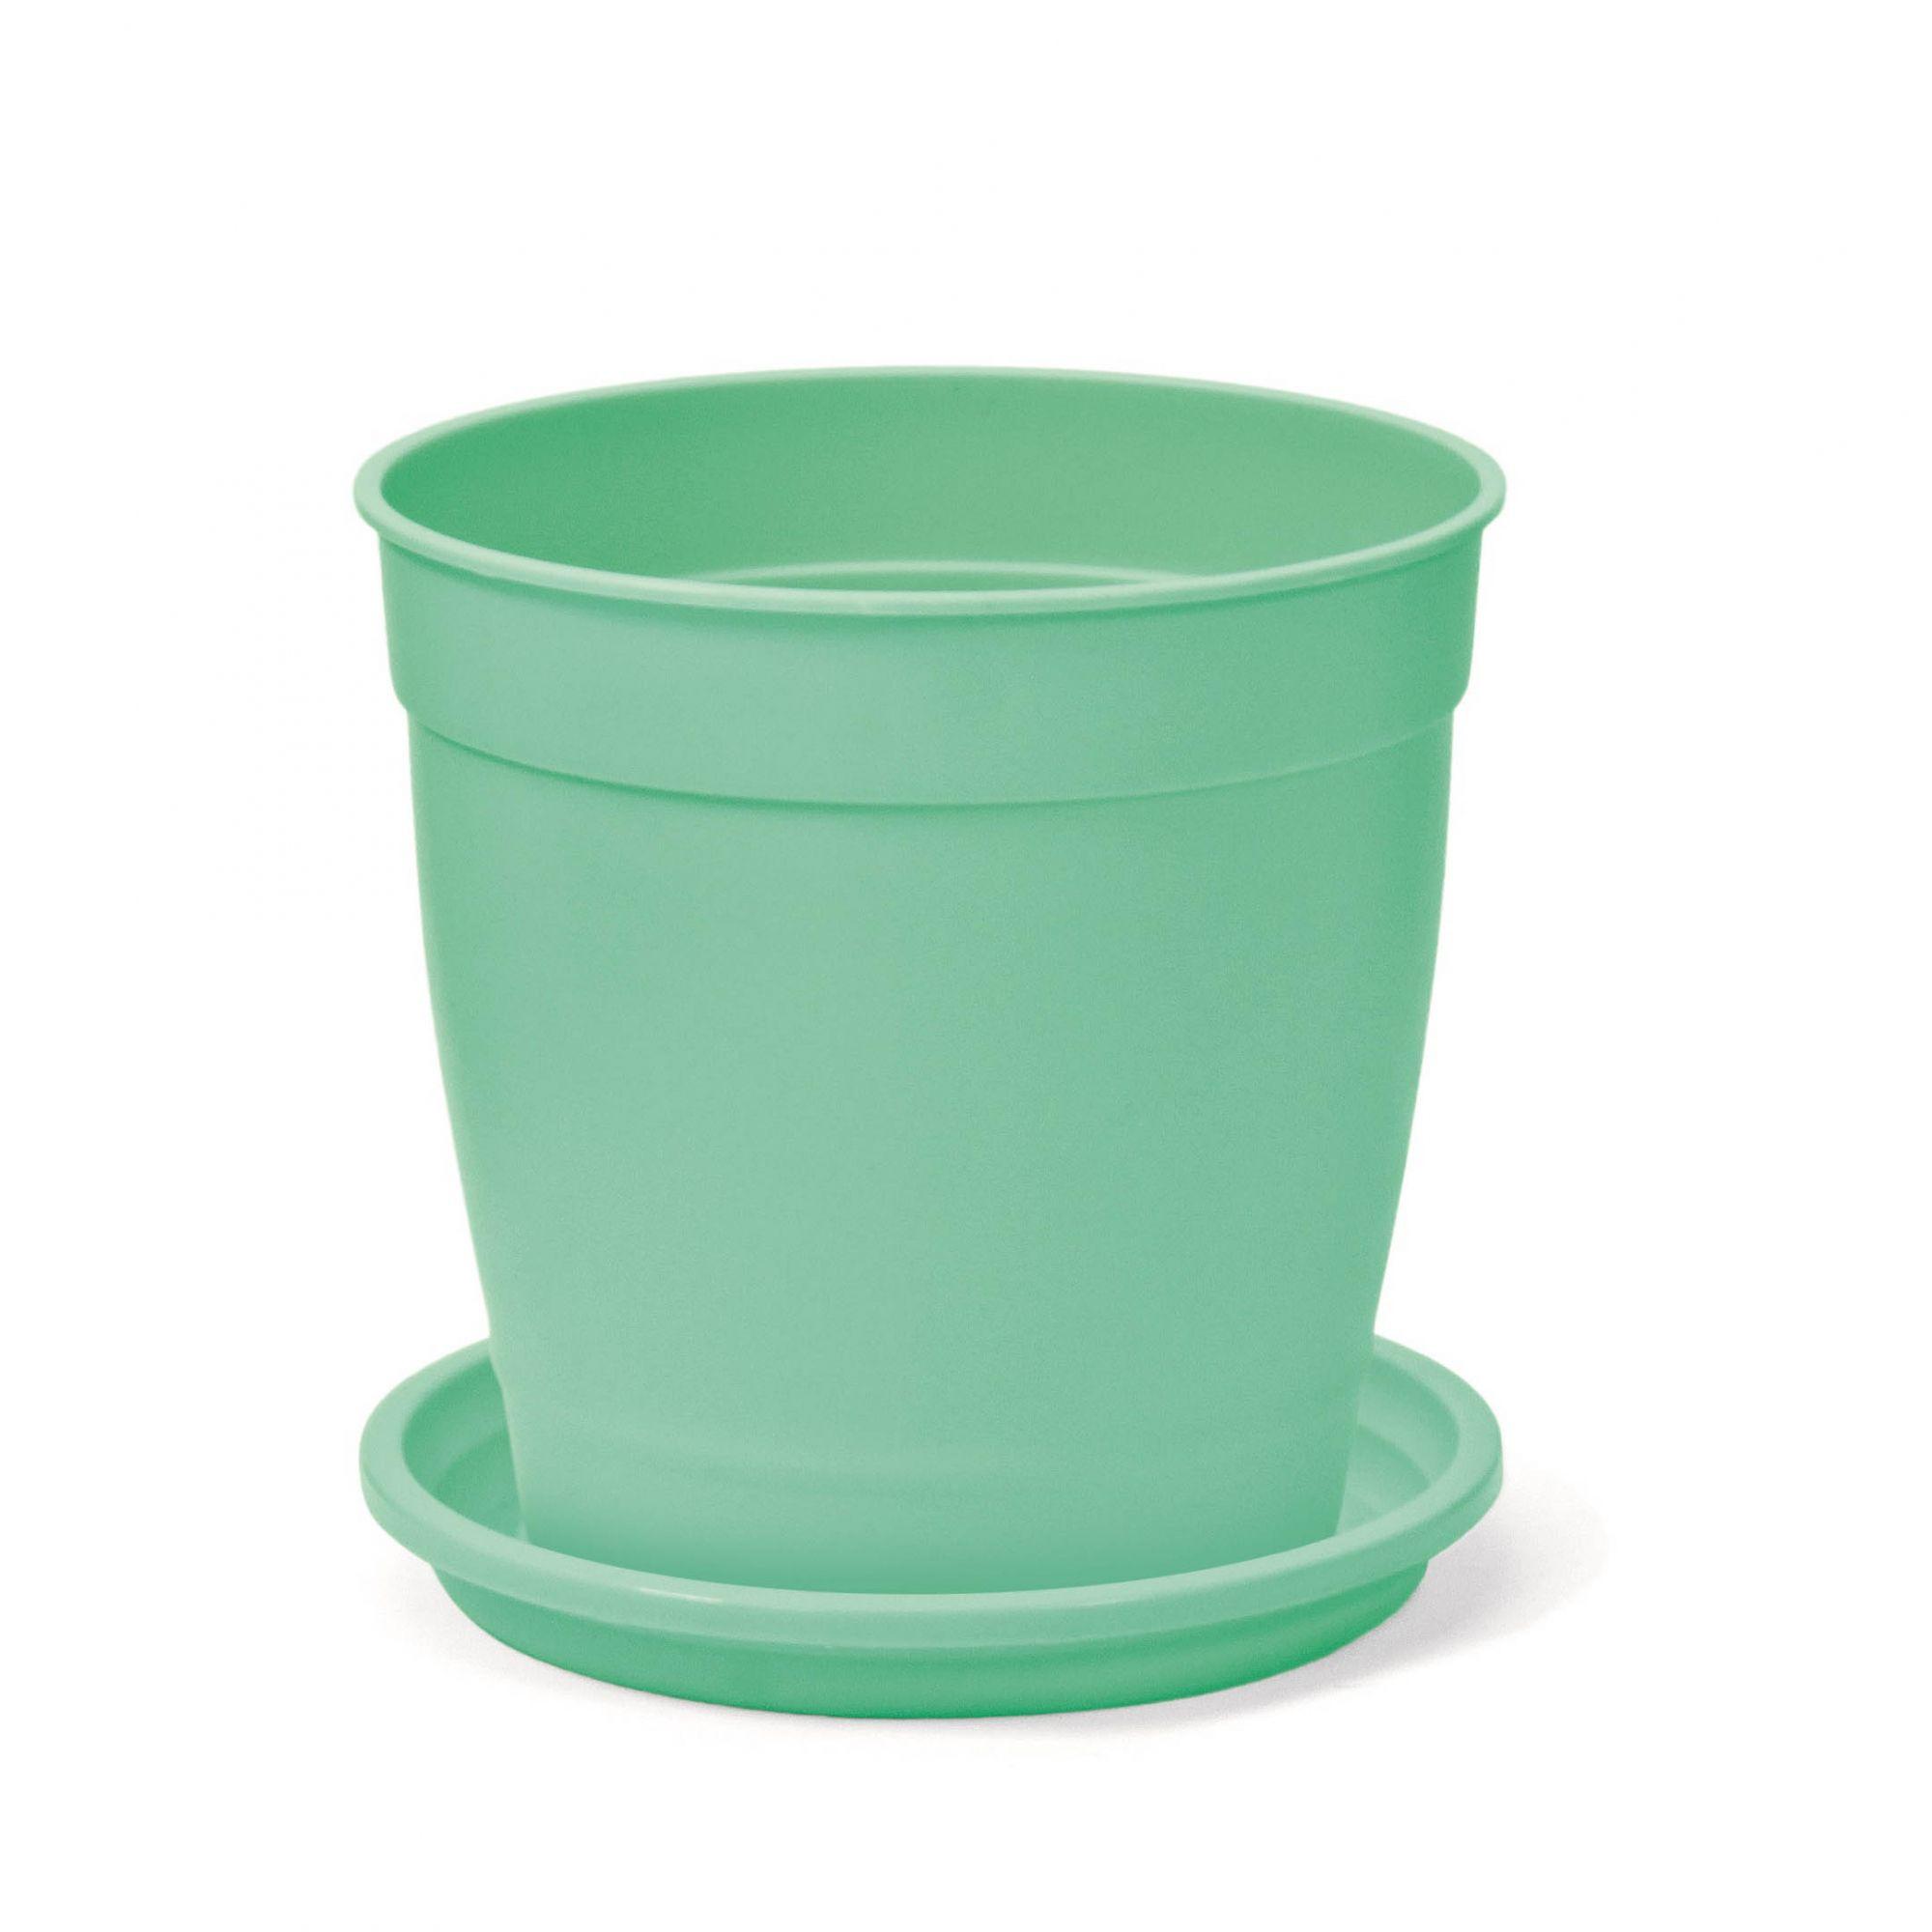 Vaso Aquarela Verde Claro 12cm x 12cm com Prato